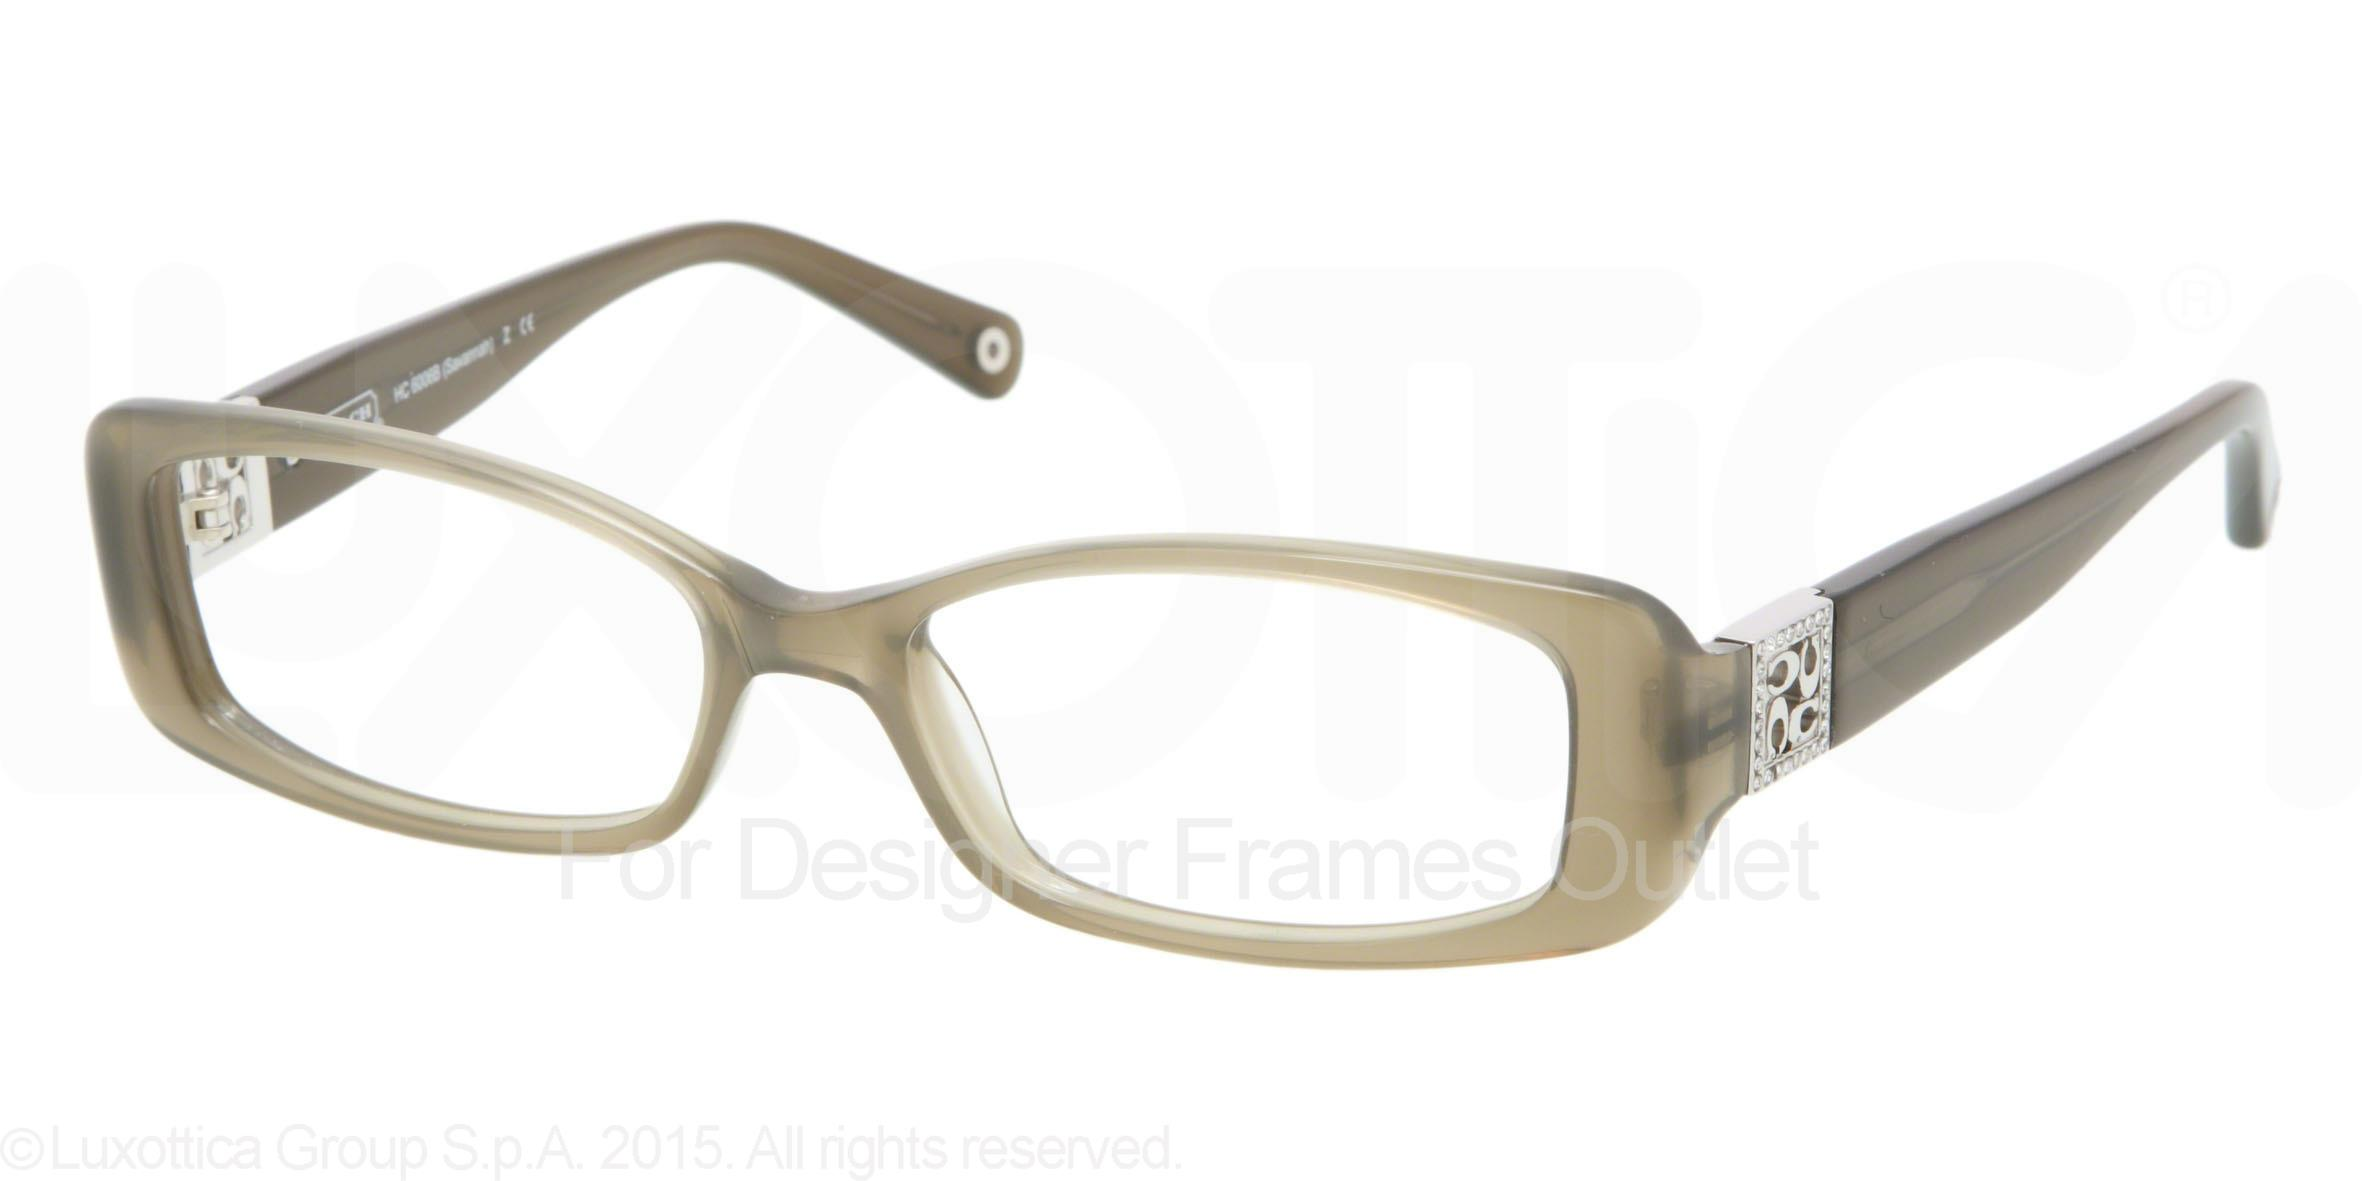 b3f3bd2a2c5 Designer Eyeglass Frames Outlet